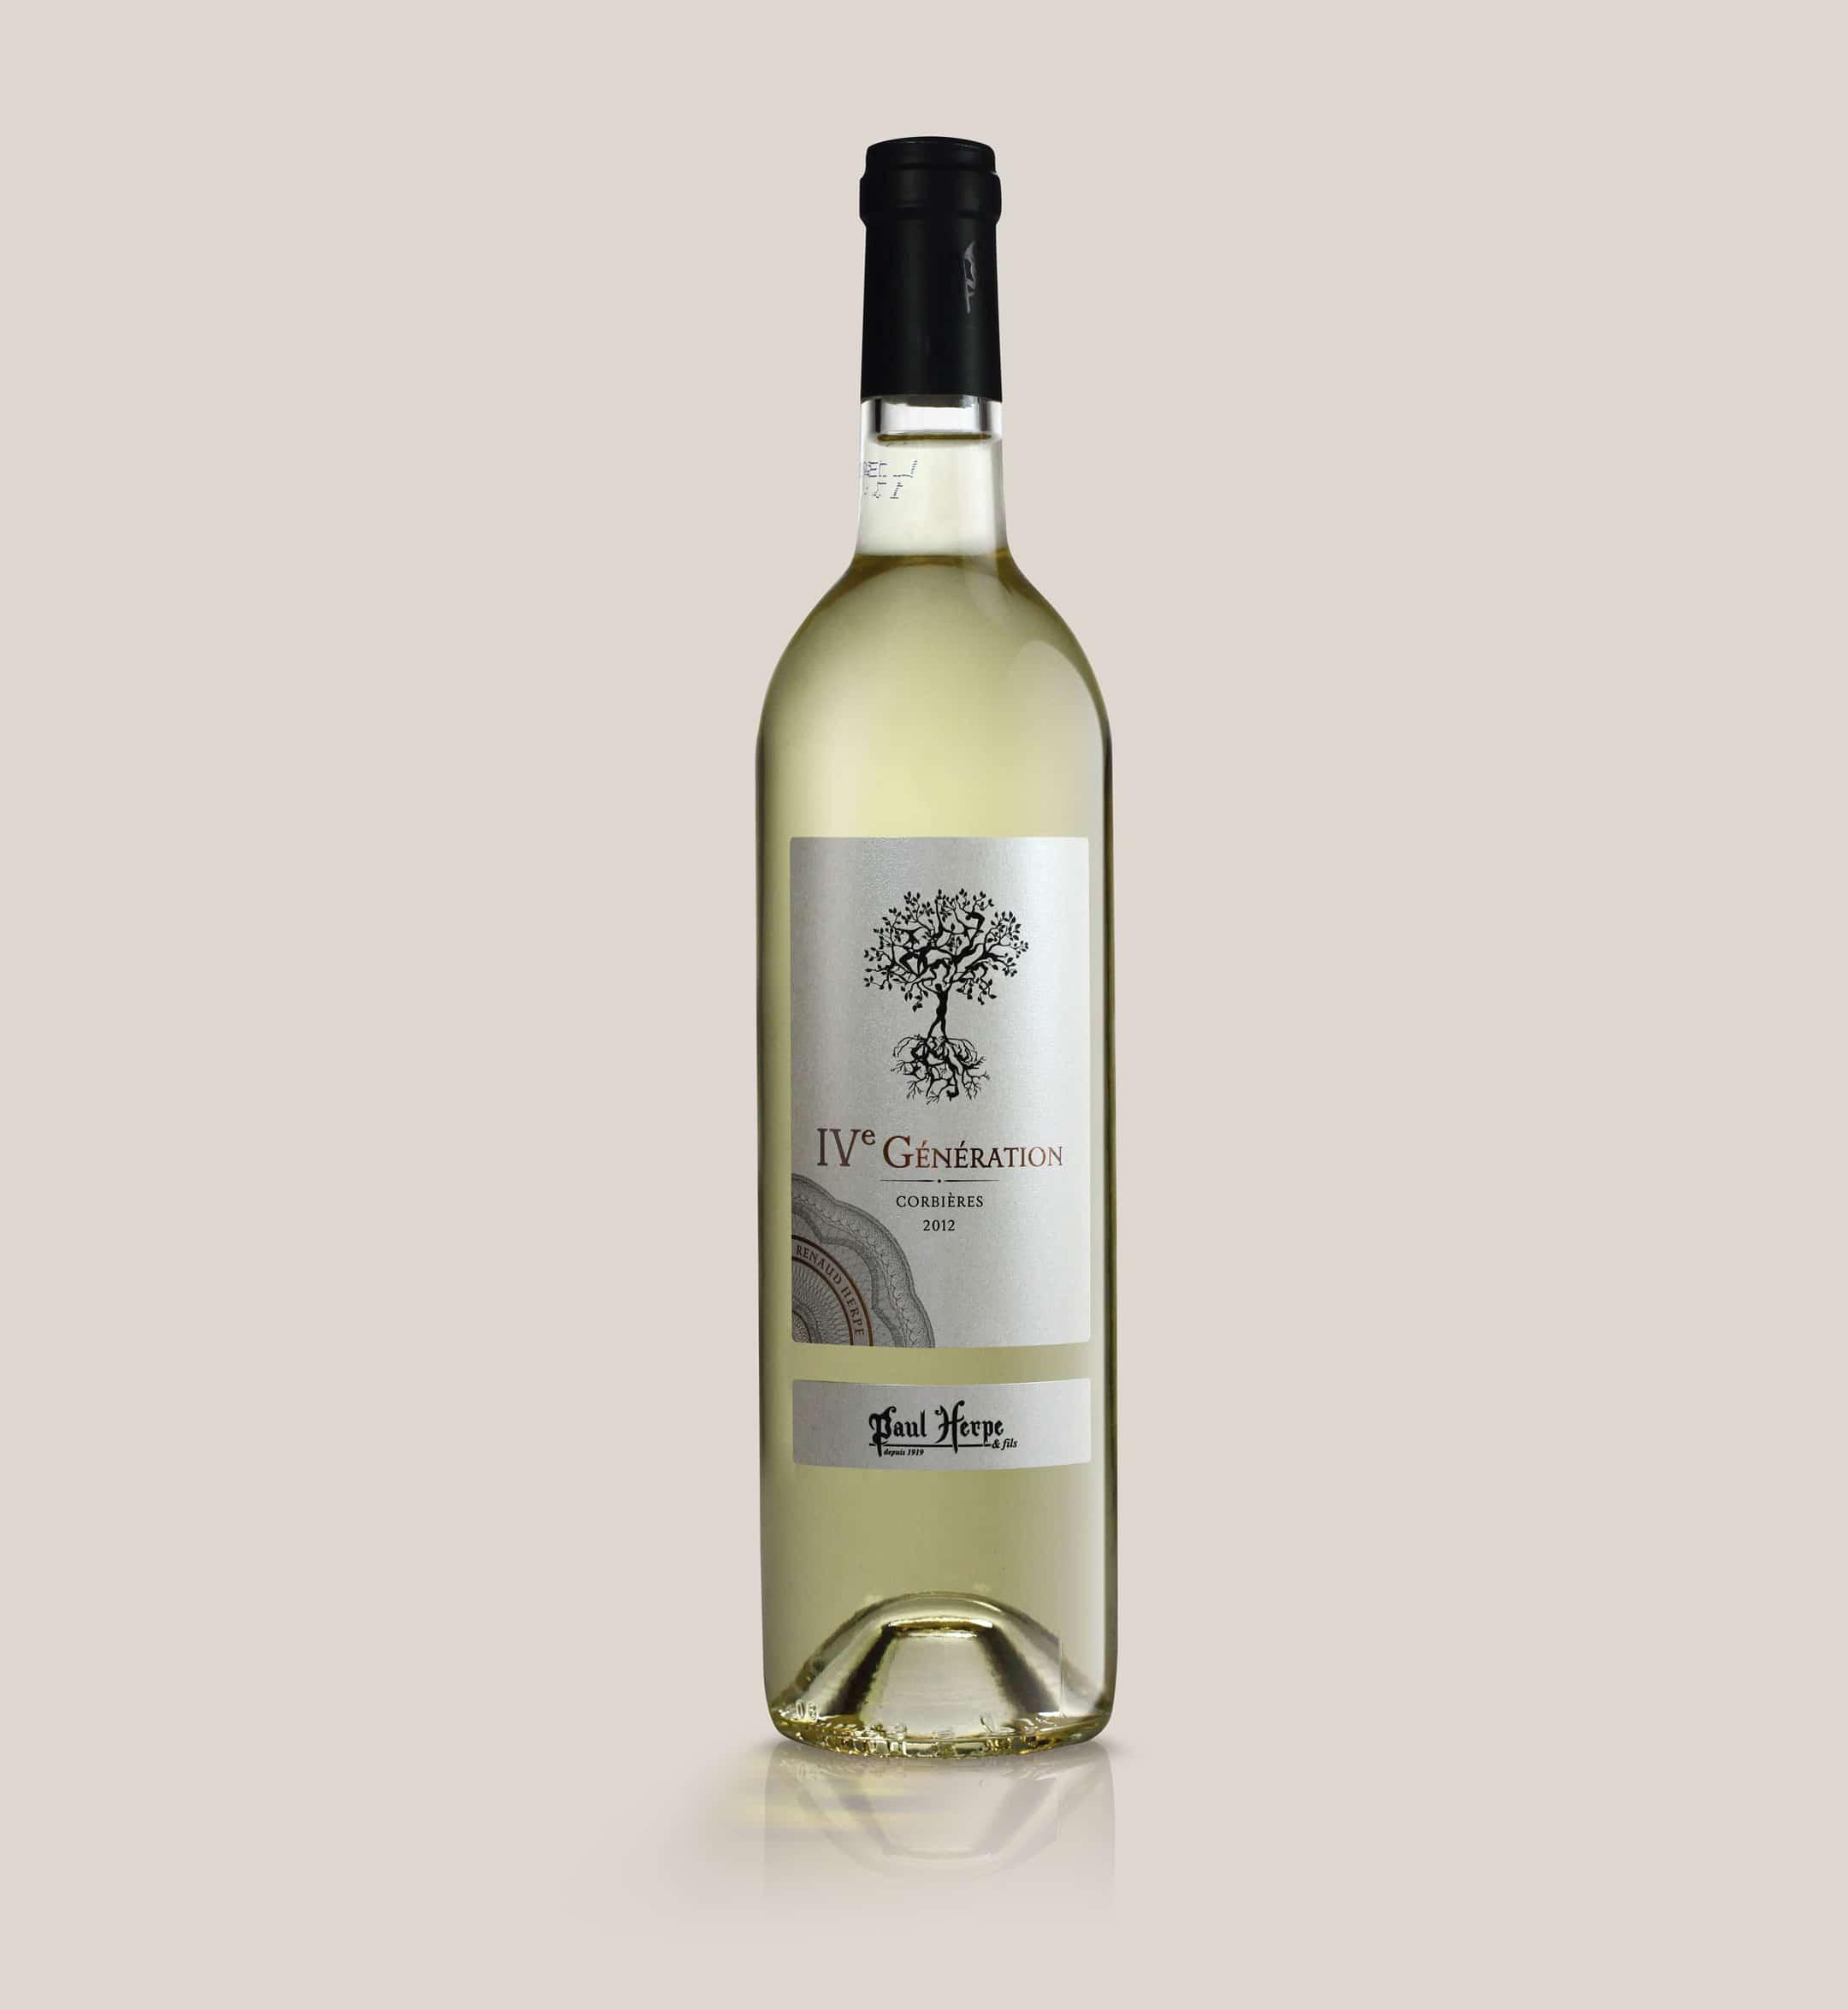 Cuvée IV generation paul herpe aoc corbieres bouteille vin blanc Collection premium